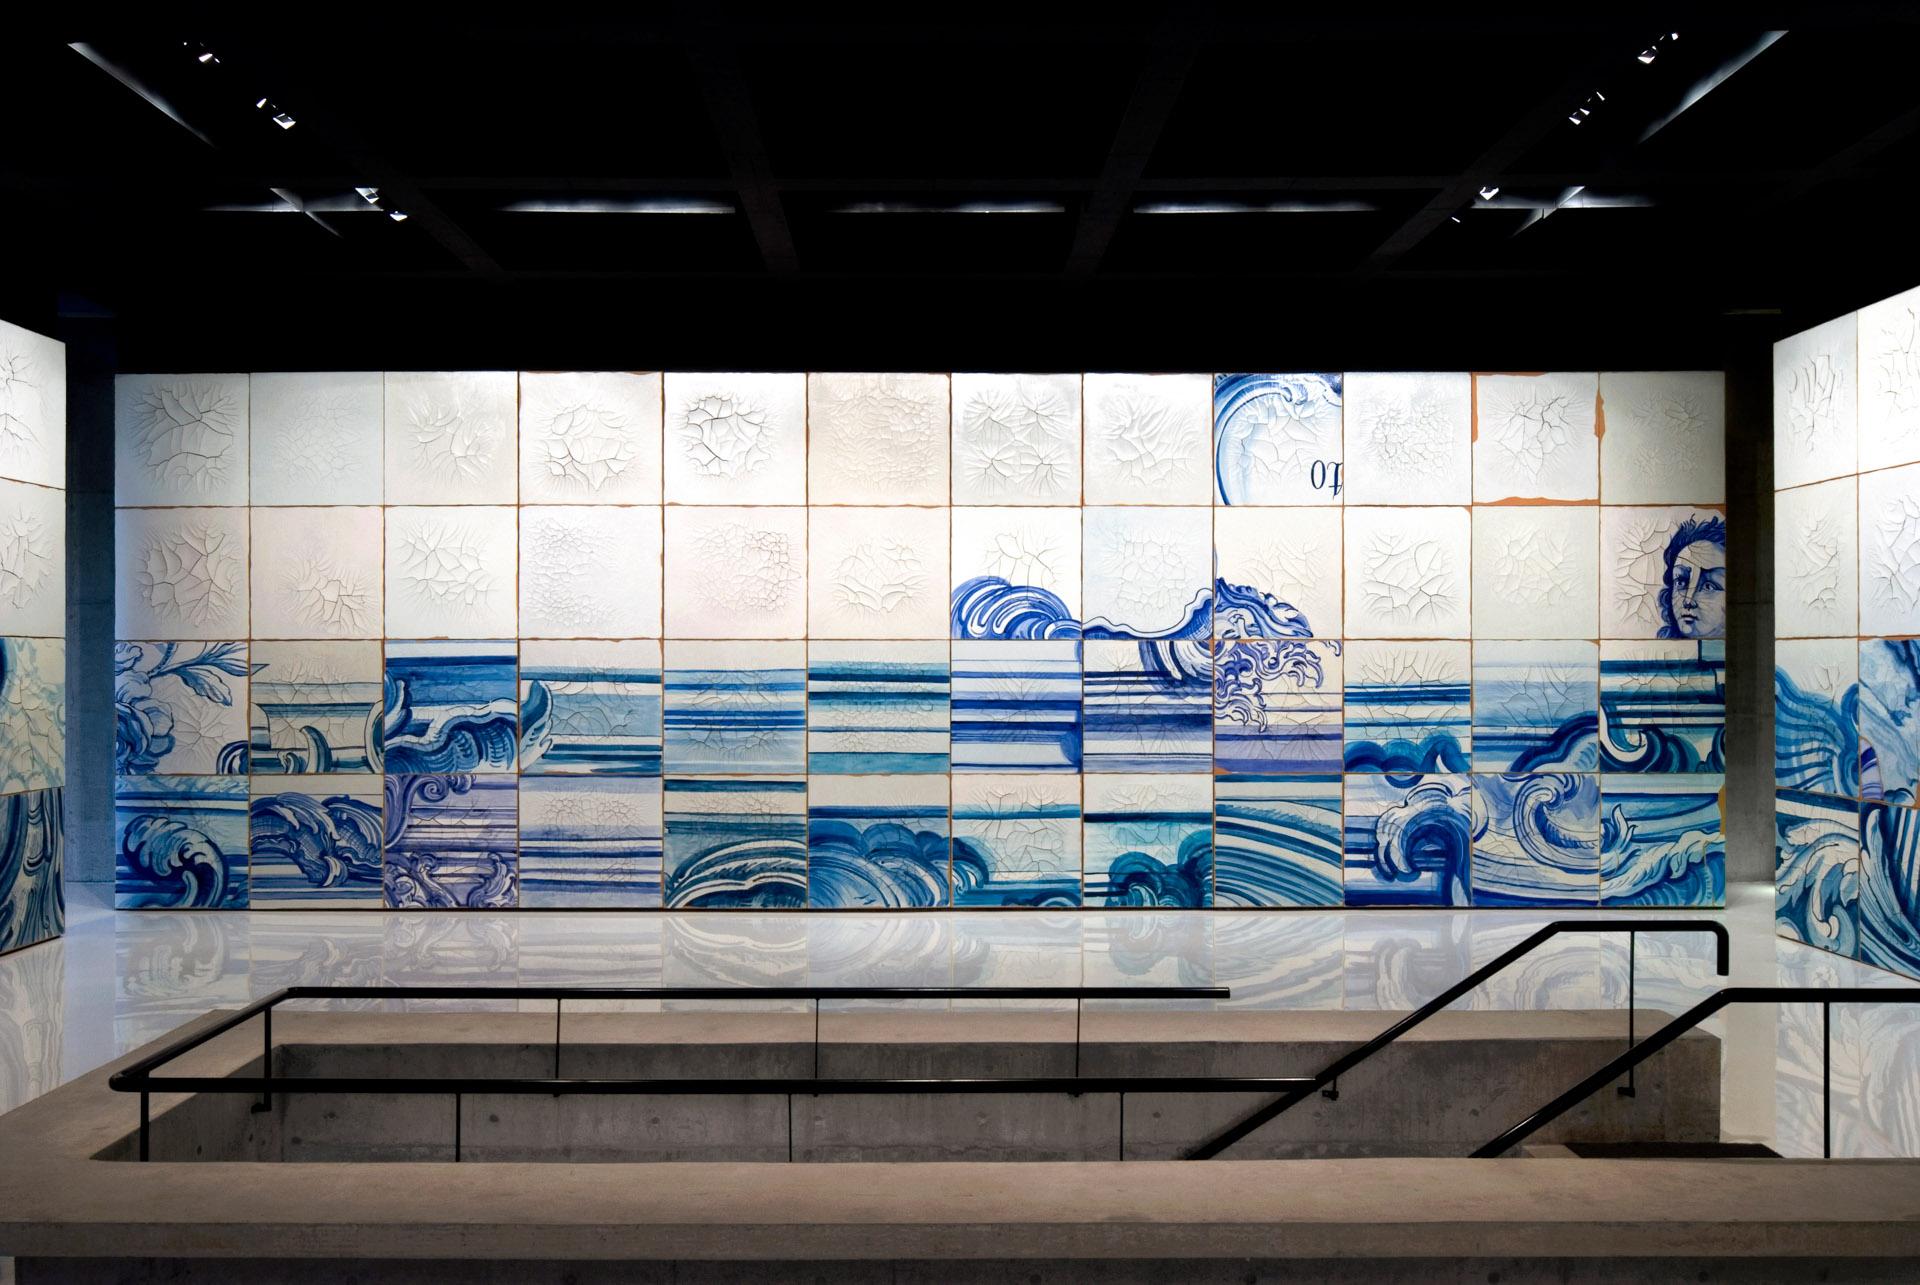 Obra  Celacanto provoca maremoto, 2004-08, de Adriana Varejão. Acervo de arte contemporânea do Inhotim